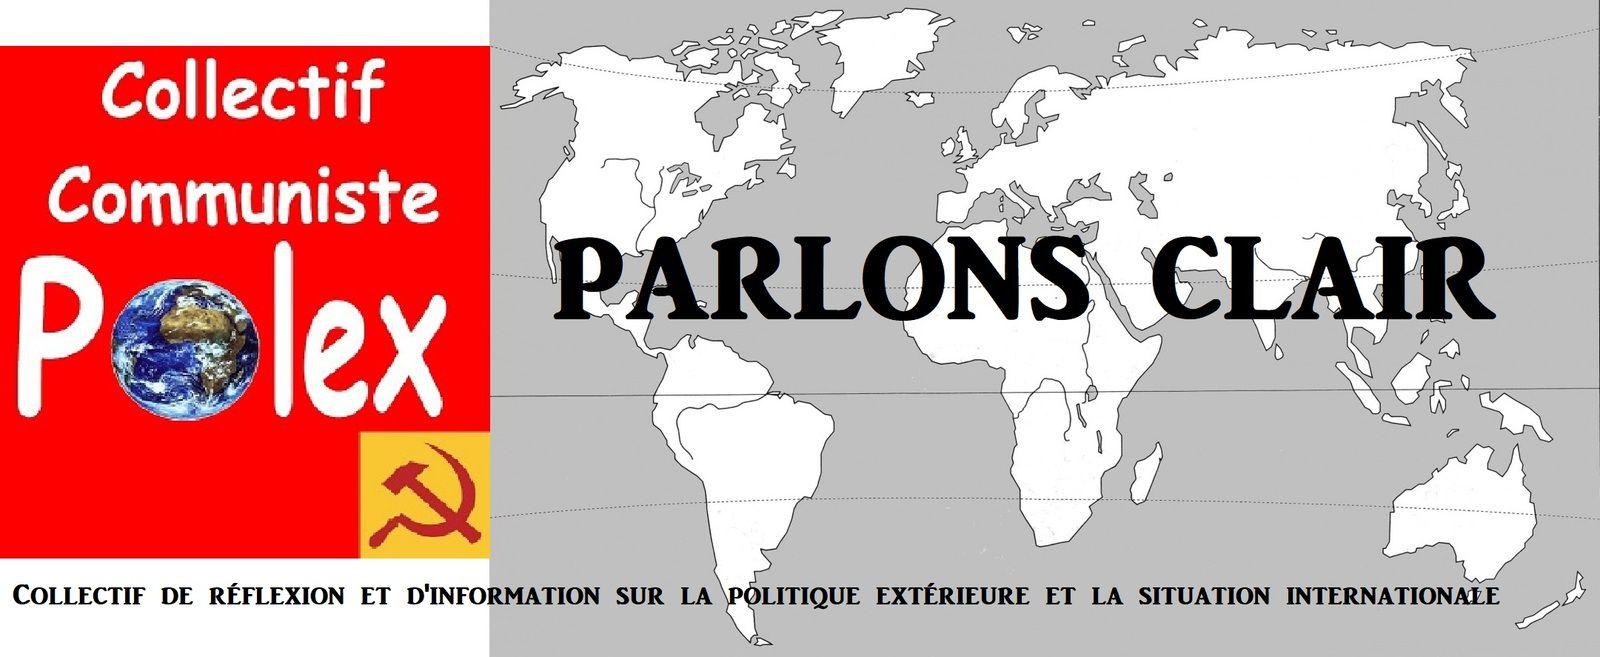 PARLONS CLAIR (Collectif communiste Polex) de novembre 2020 : sommaire et  articles - Commun COMMUNE [le blog d'El Diablo]